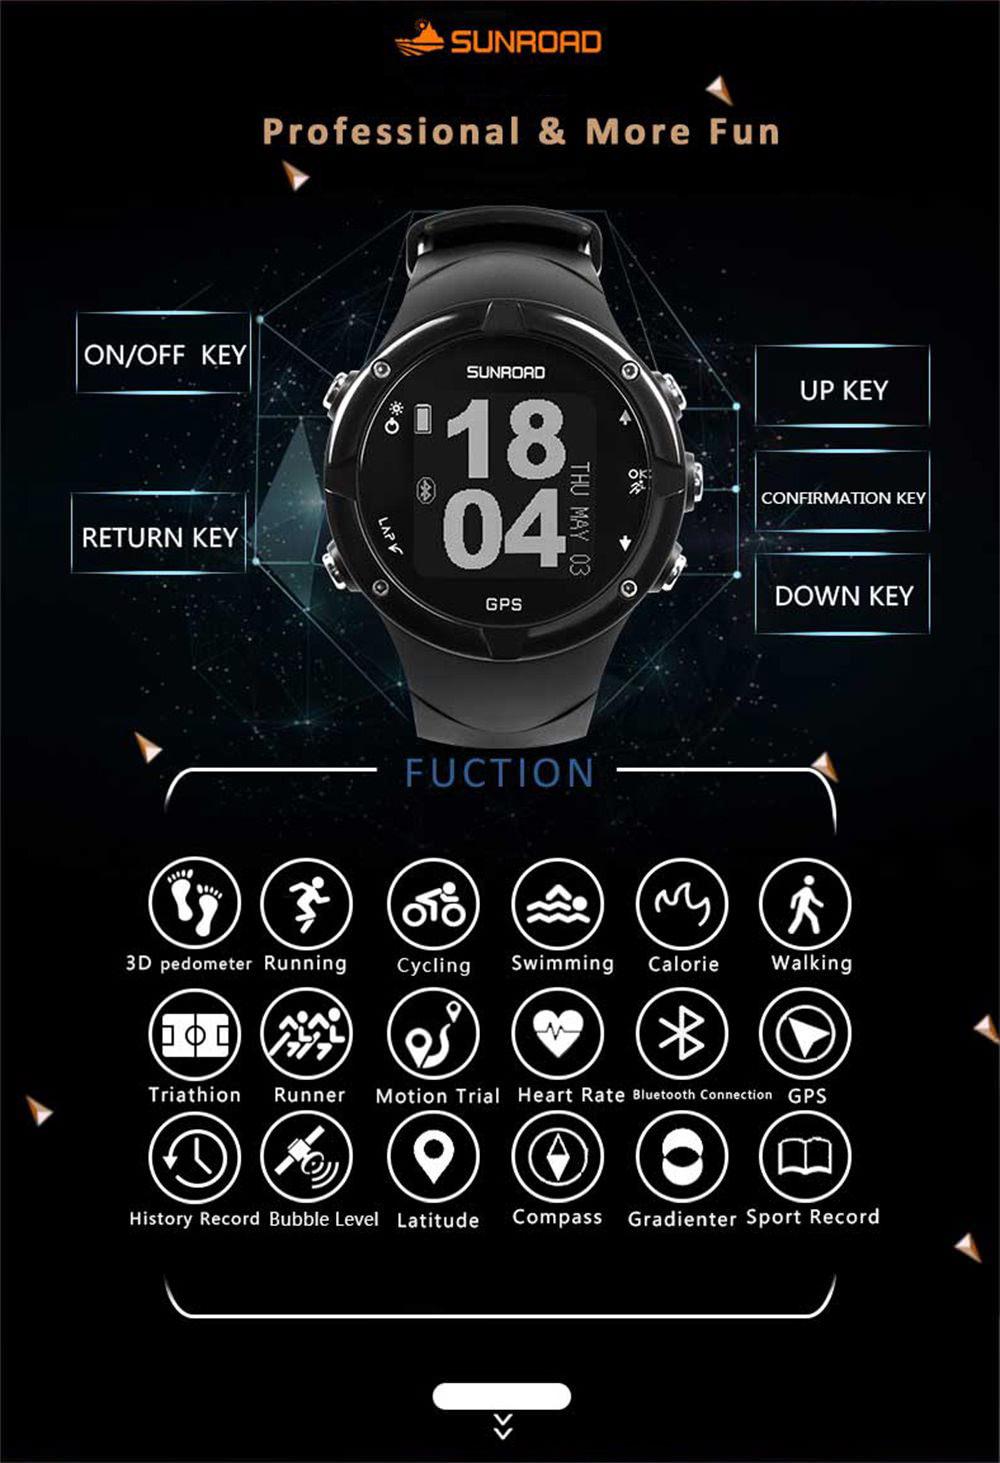 buy sunroad fr930n smartwatch